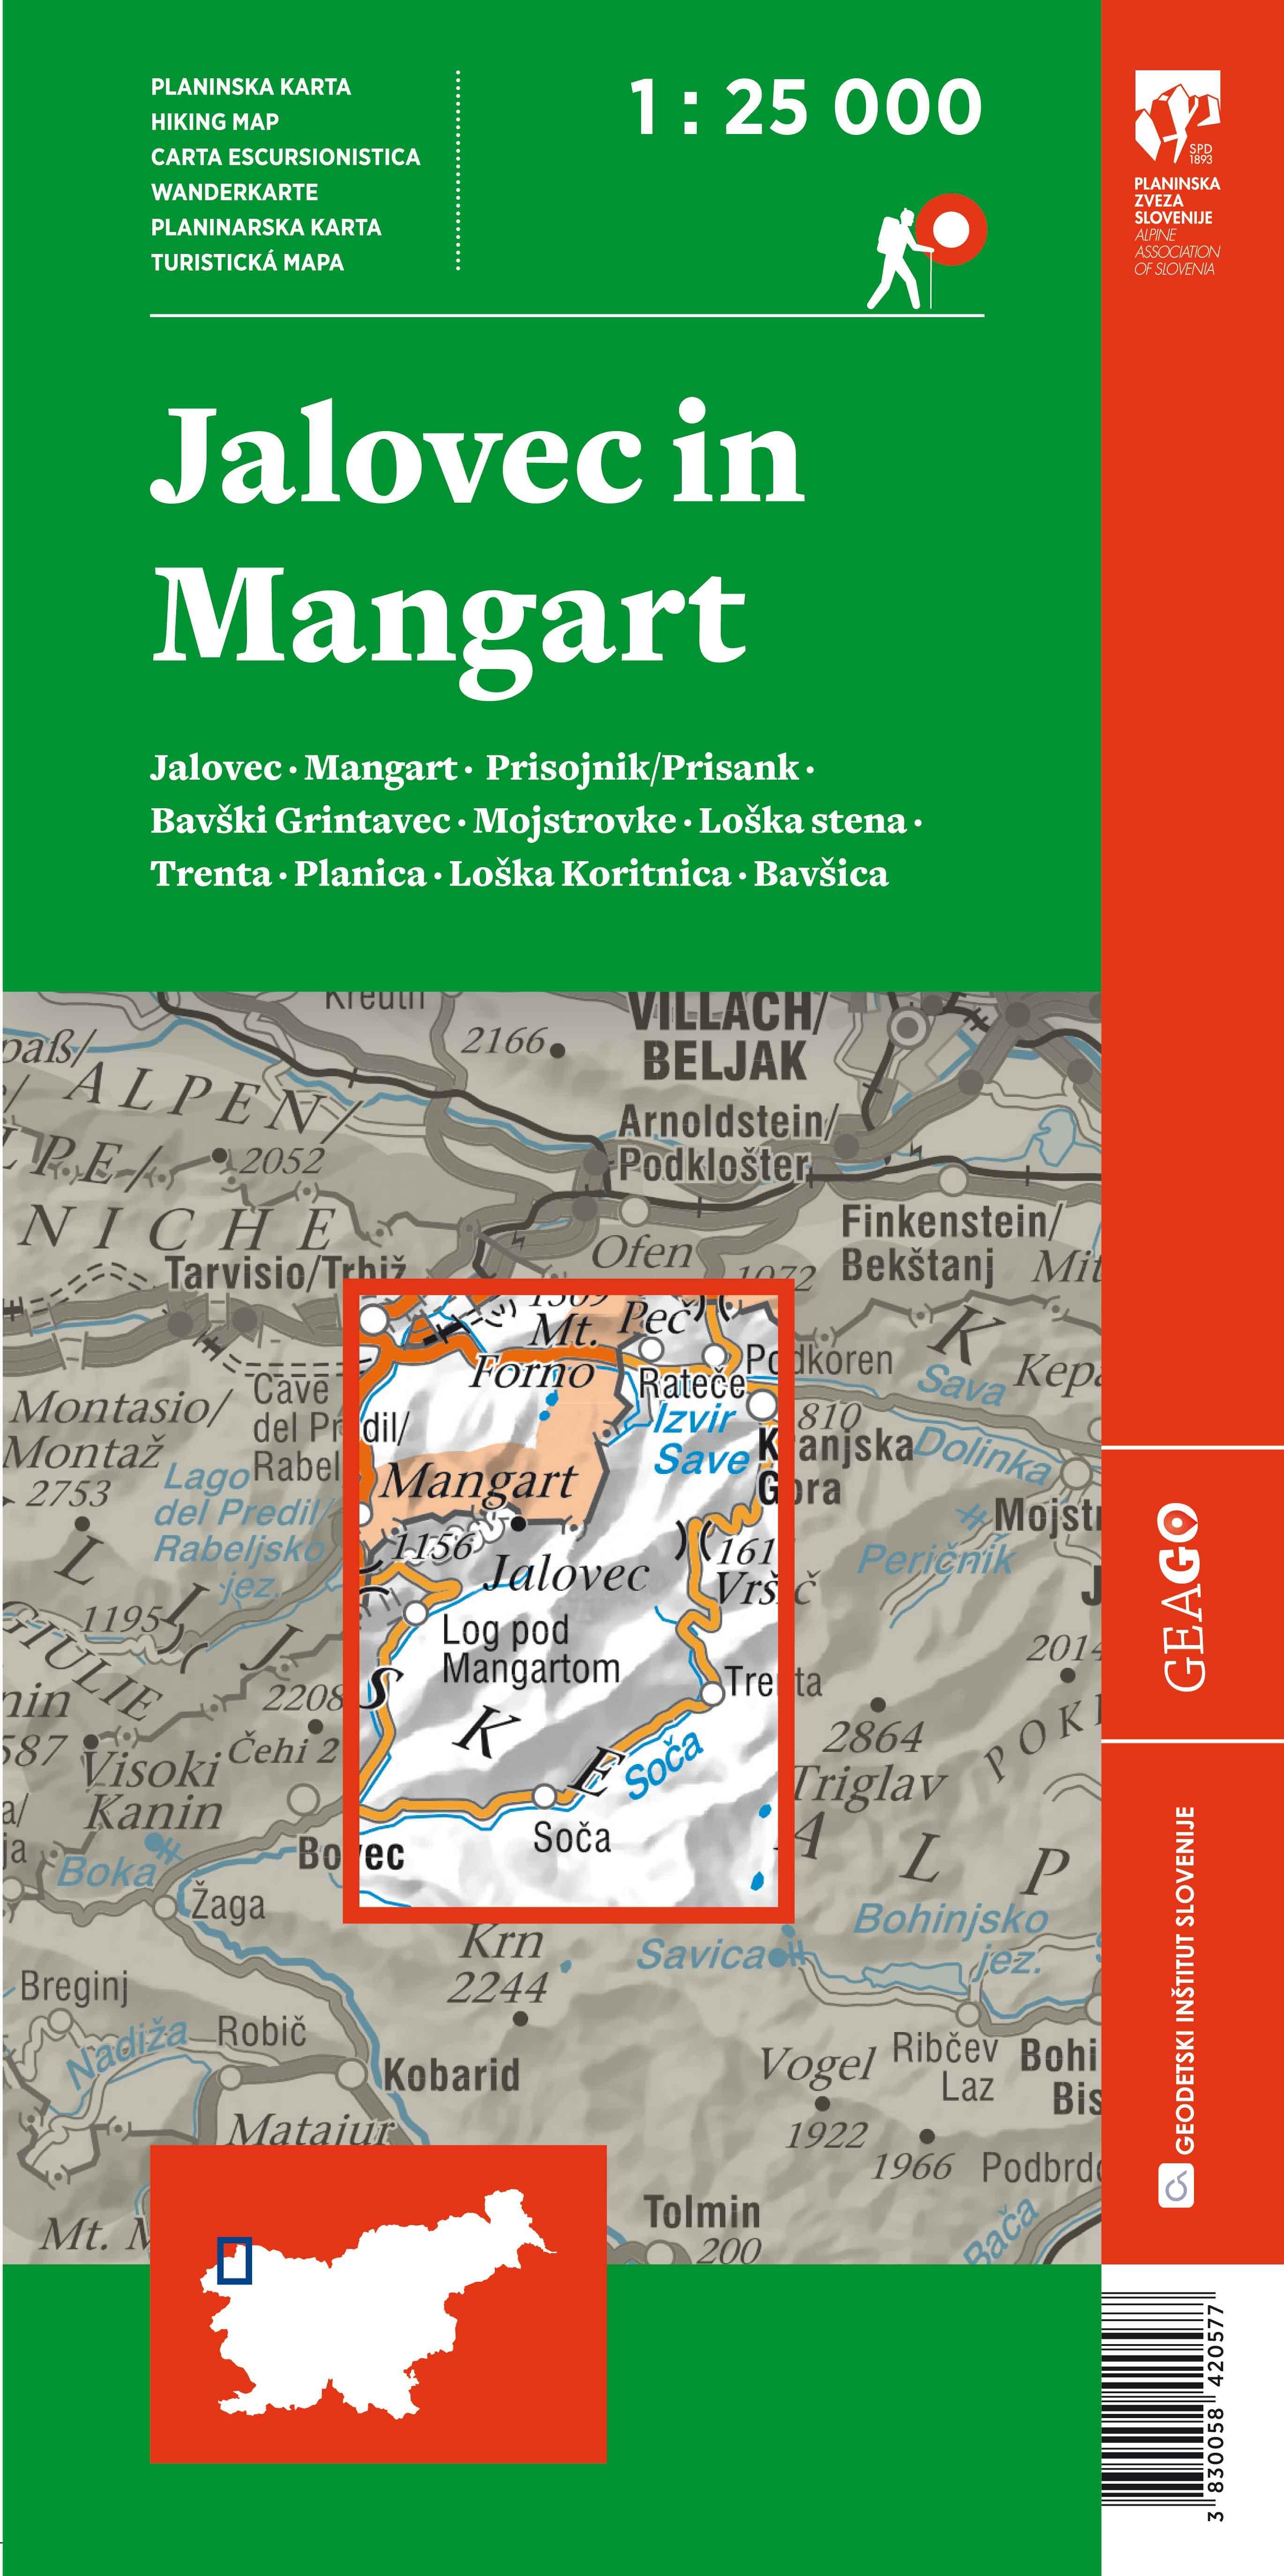 Planinska karta Jalovec in Mangart